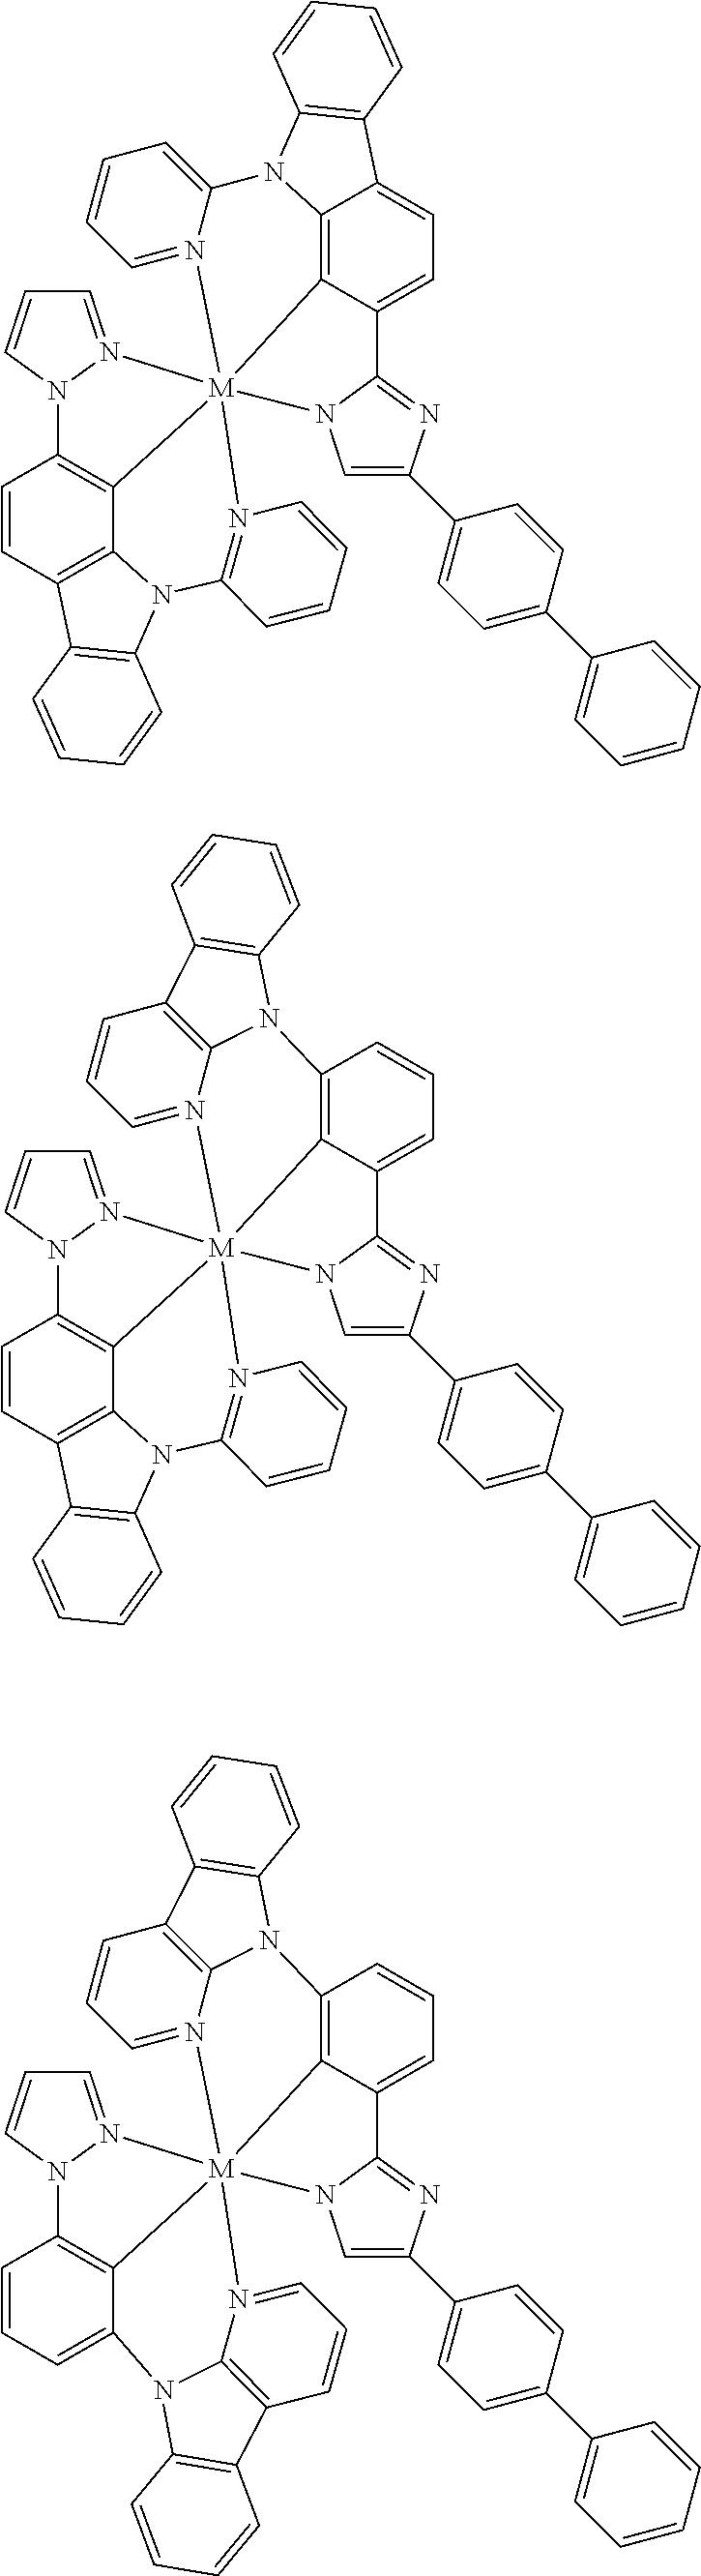 Figure US09818959-20171114-C00299